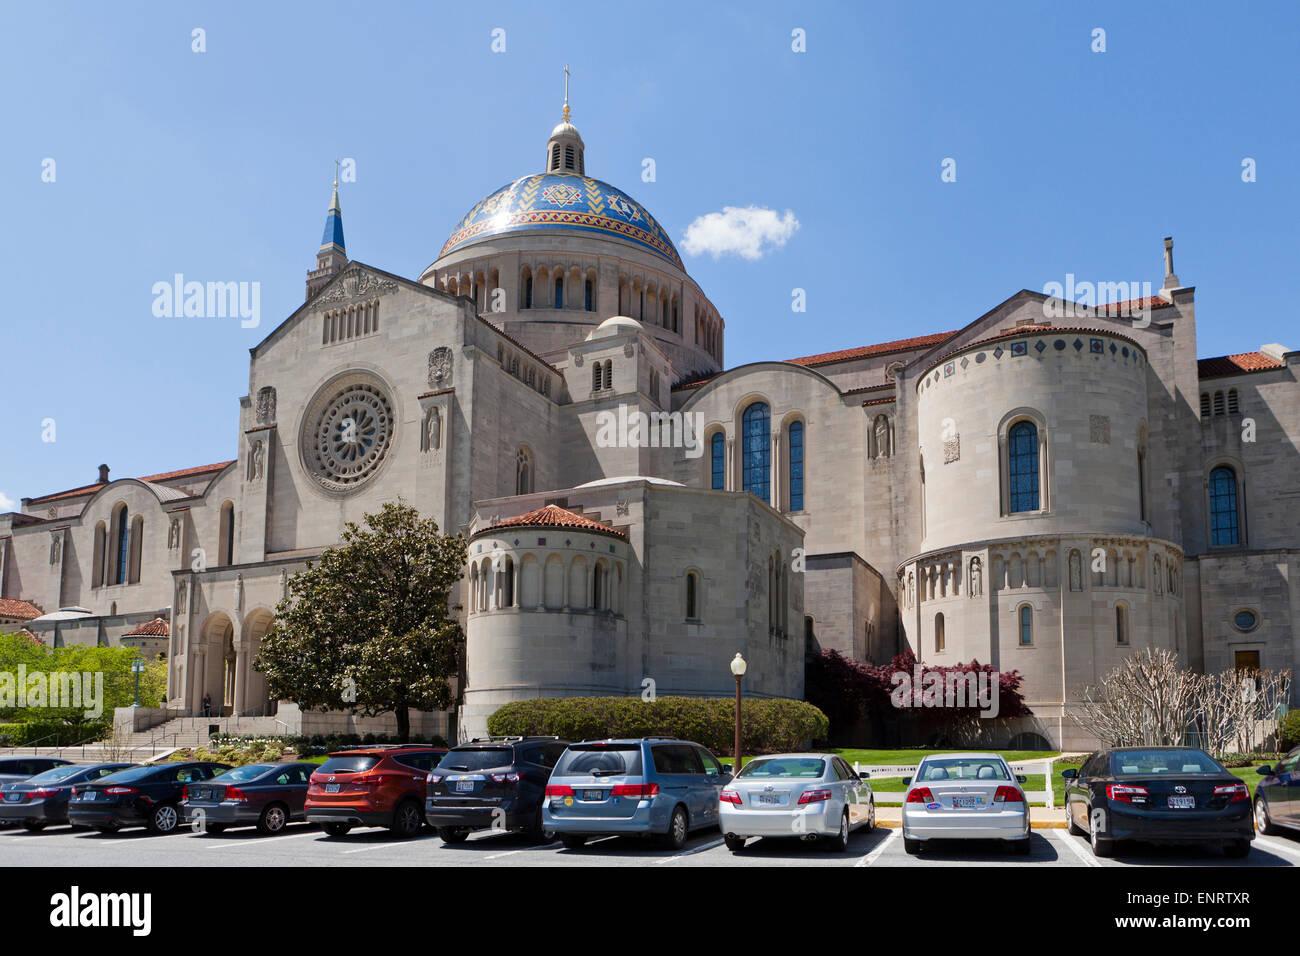 The national Shrine on Catholic University of America